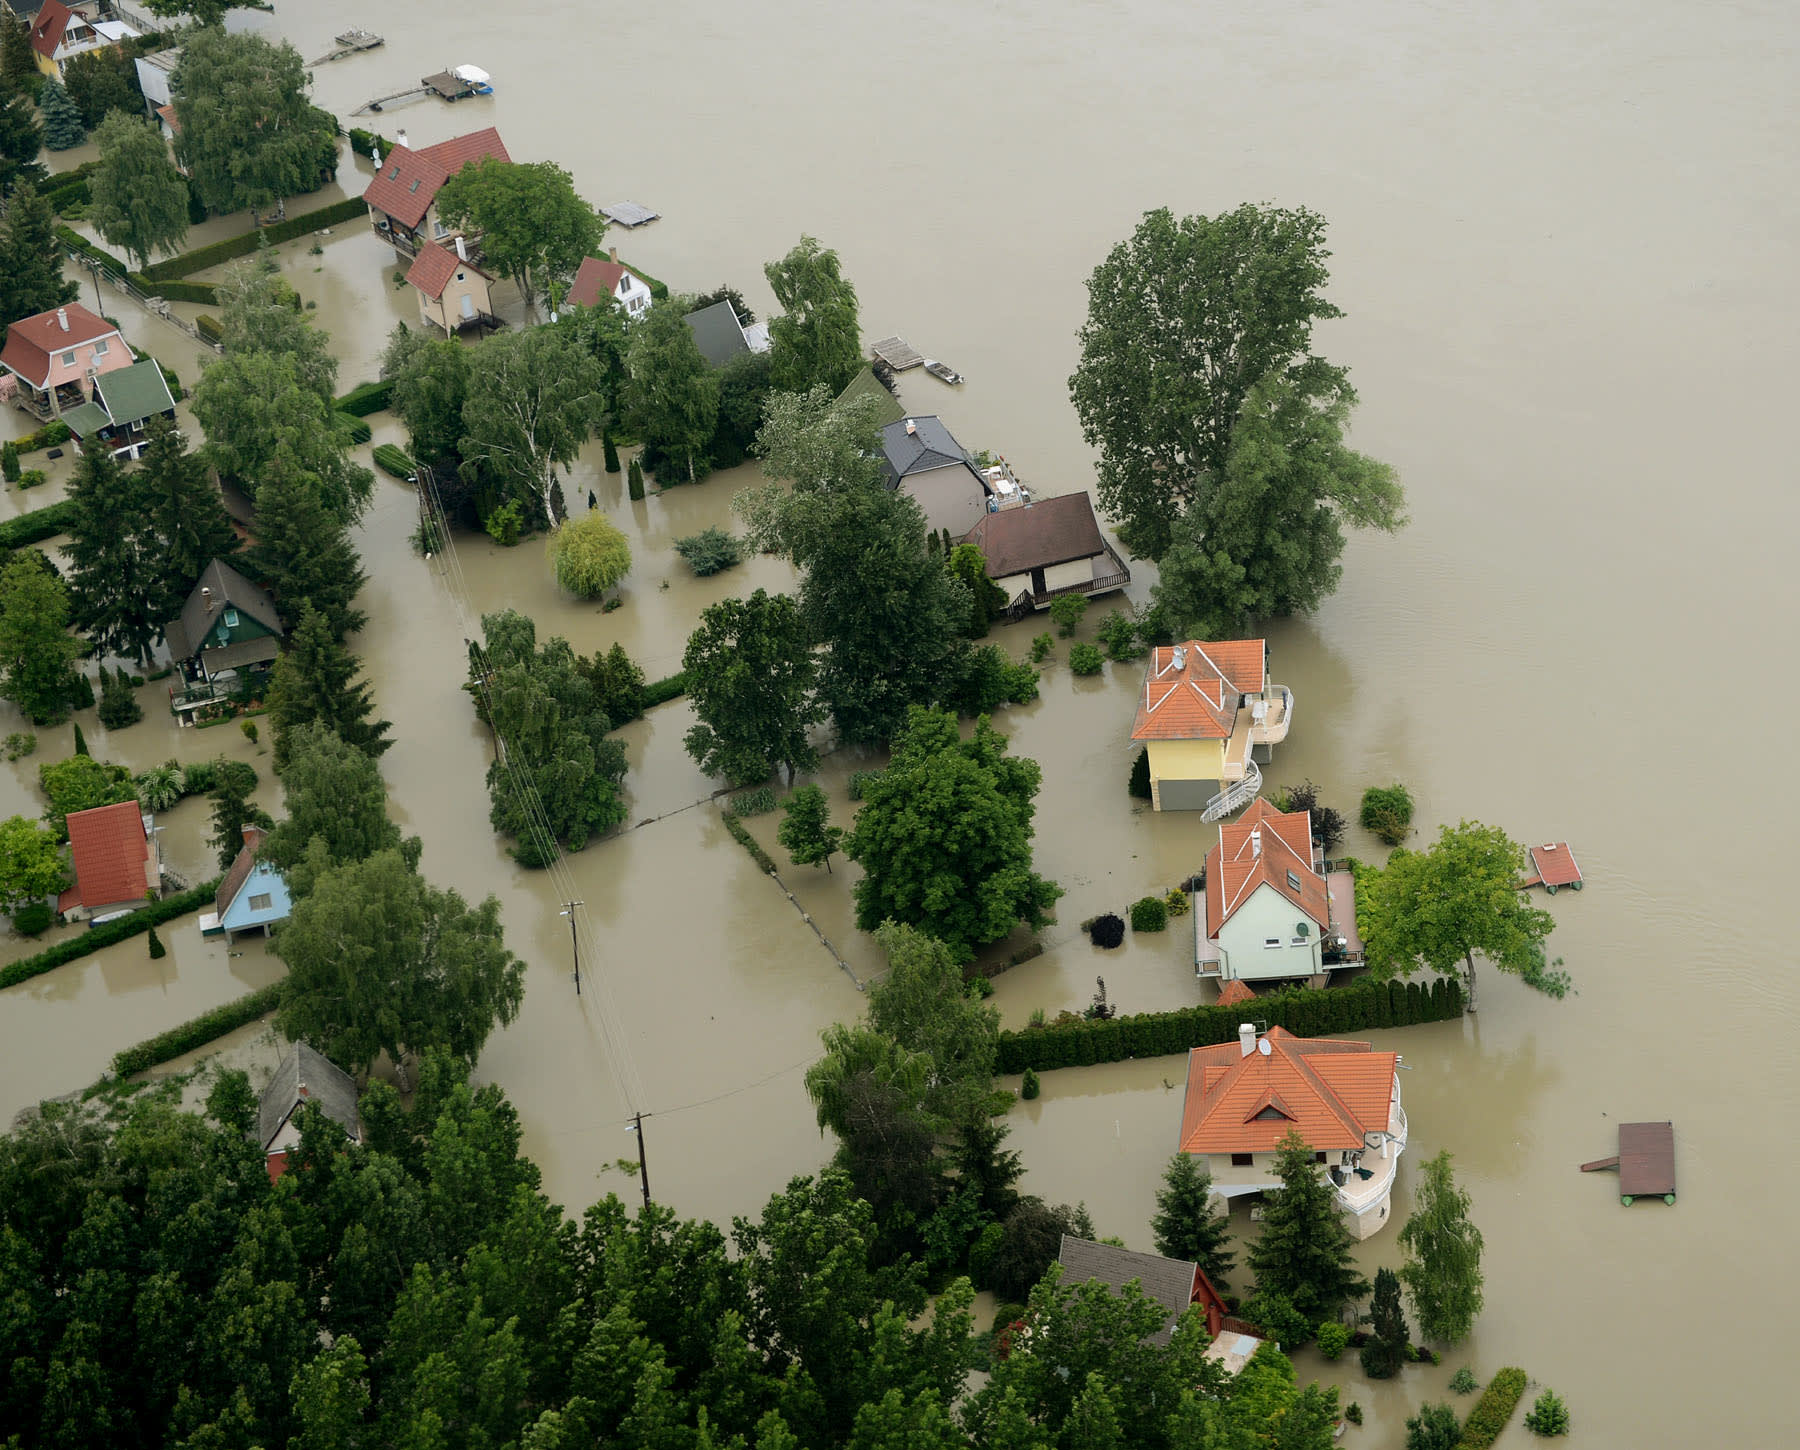 Dunai áradás 2013 - Fotó: H. Szabó Sándor/ORFK | Növekvő árvízi kockázatok | ClimeNews